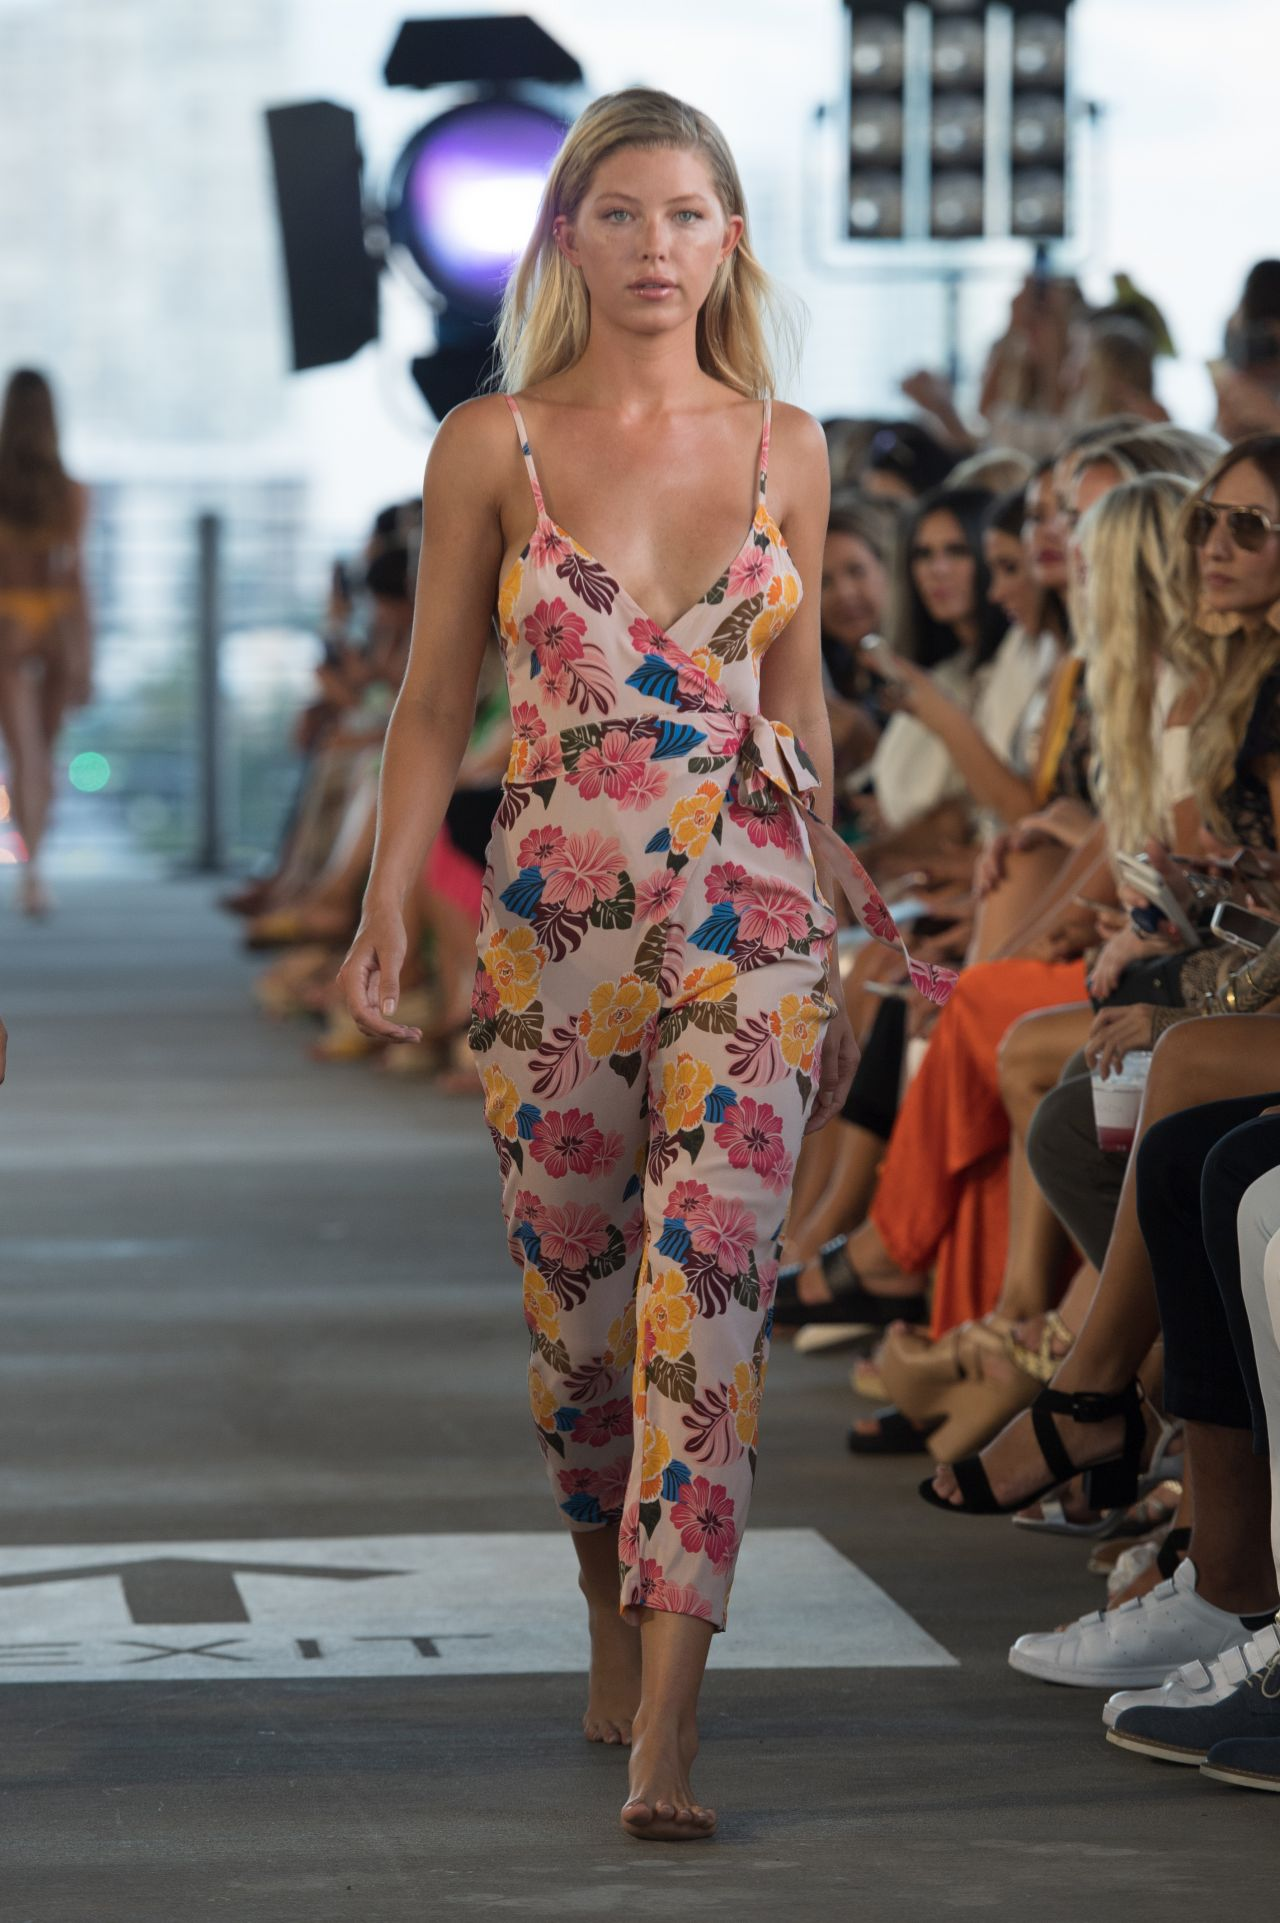 Acacia Show - Miami Swim Fashion Week Spring/Summer 2019 • CelebMafia